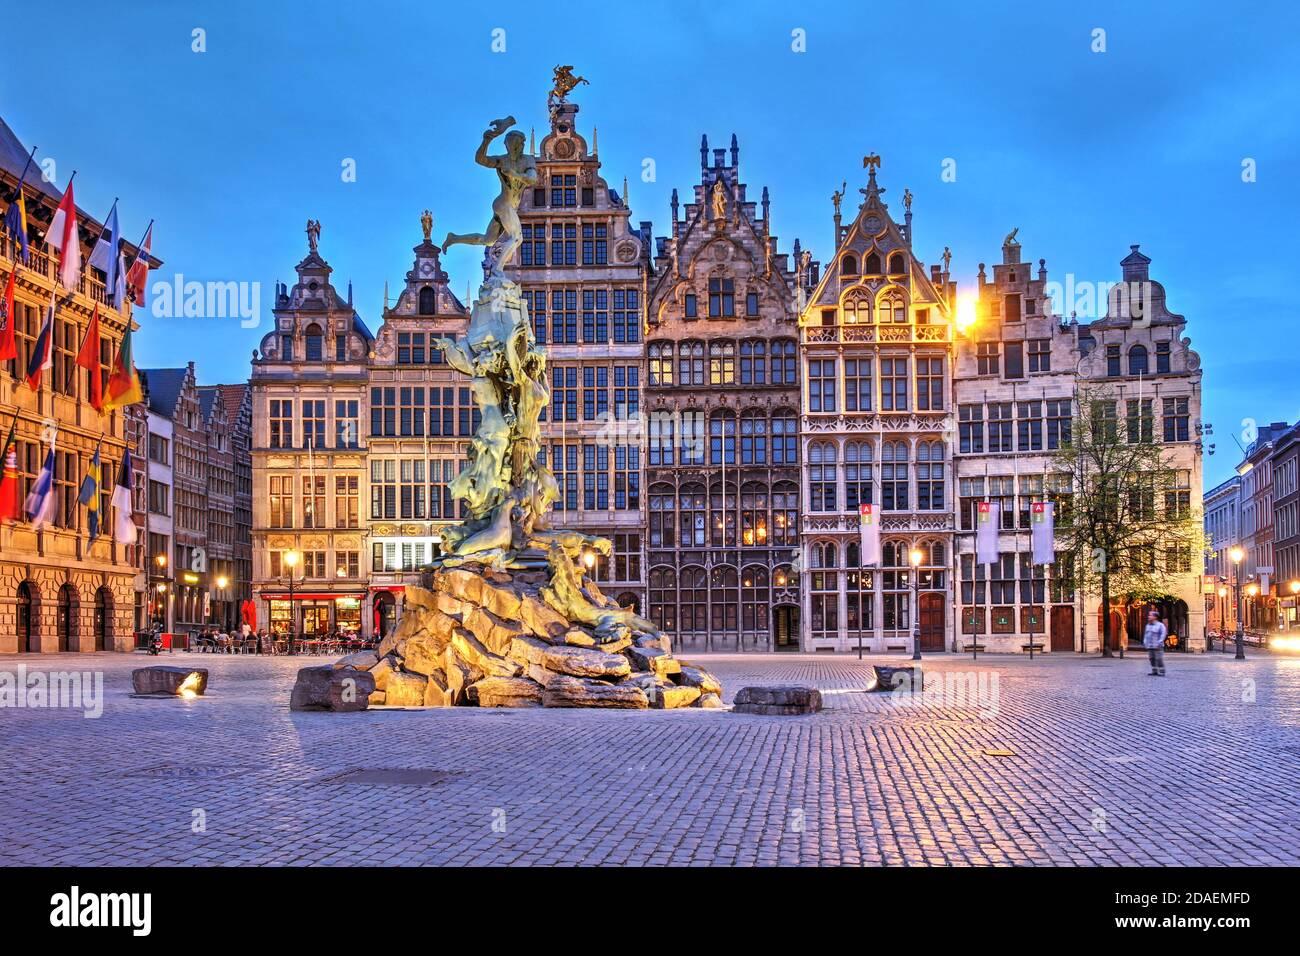 Une série de Guildhalls du XVIe siècle à Grote Markt (grande place du marché) dans la vieille ville d'Anvers, en Belgique, au crépuscule. Banque D'Images